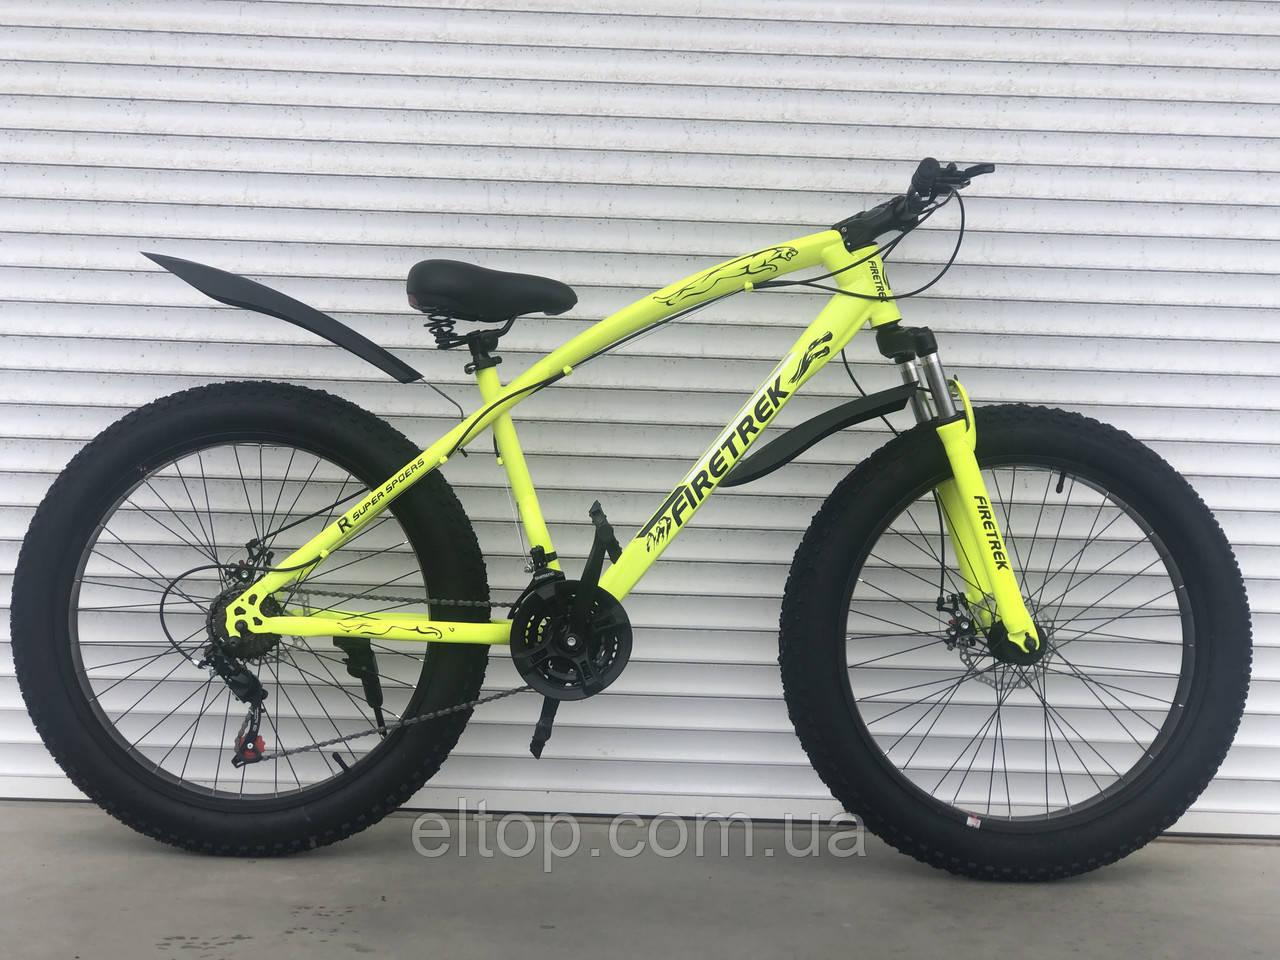 Велосипед ФЕТБАЙК Спорт 26 дюймов Горный спортивный велосипед FatBike 215 САЛАТОВЫЙ Внедорожник Fat Bike